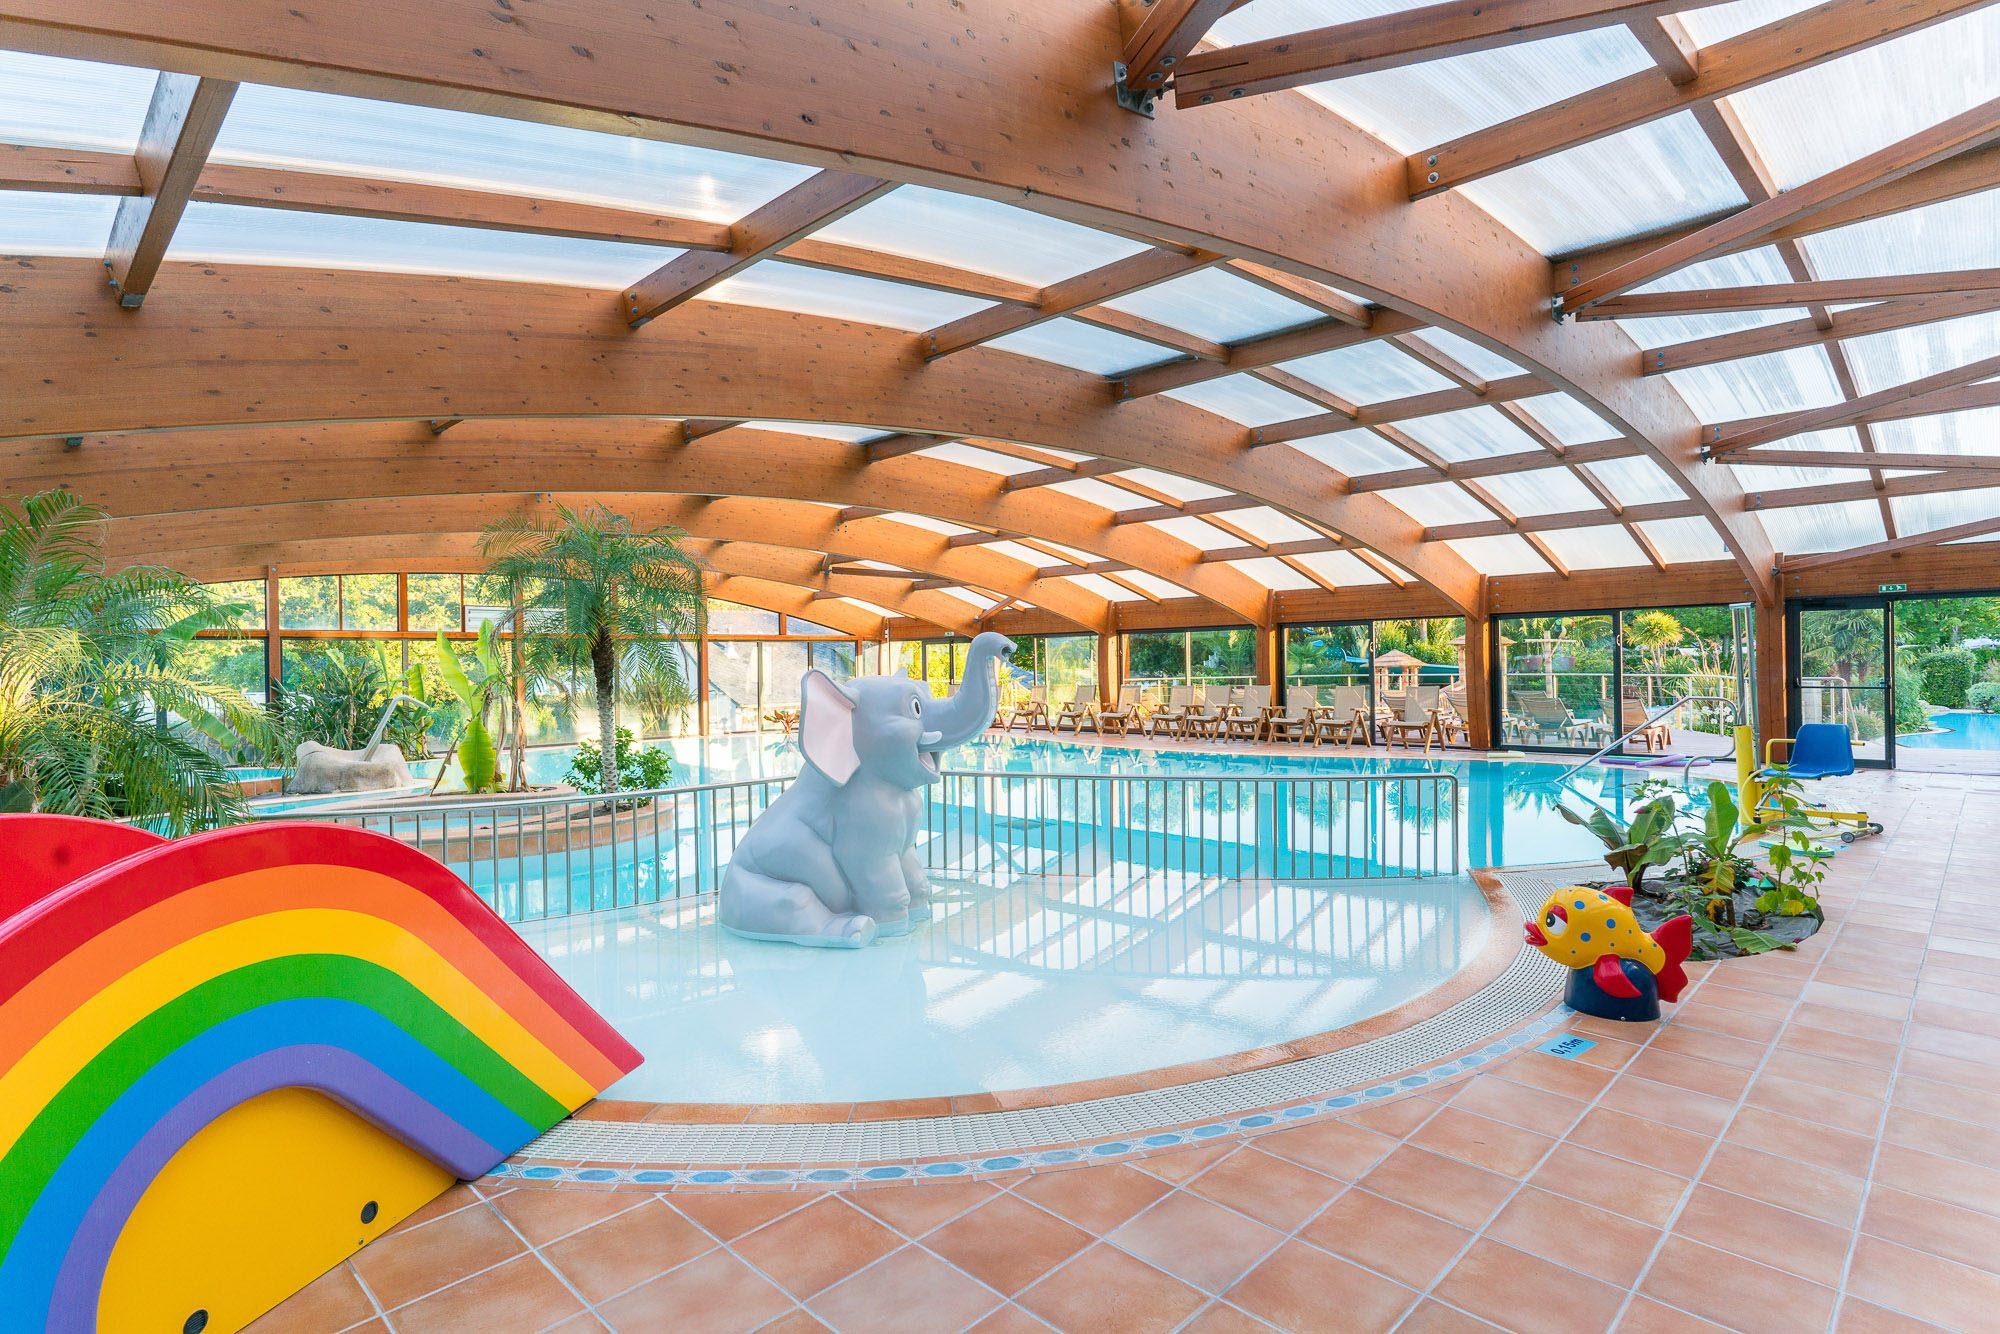 Camping bretagne avec piscine parc aquatique espace for Camping dans les vosges avec piscine couverte